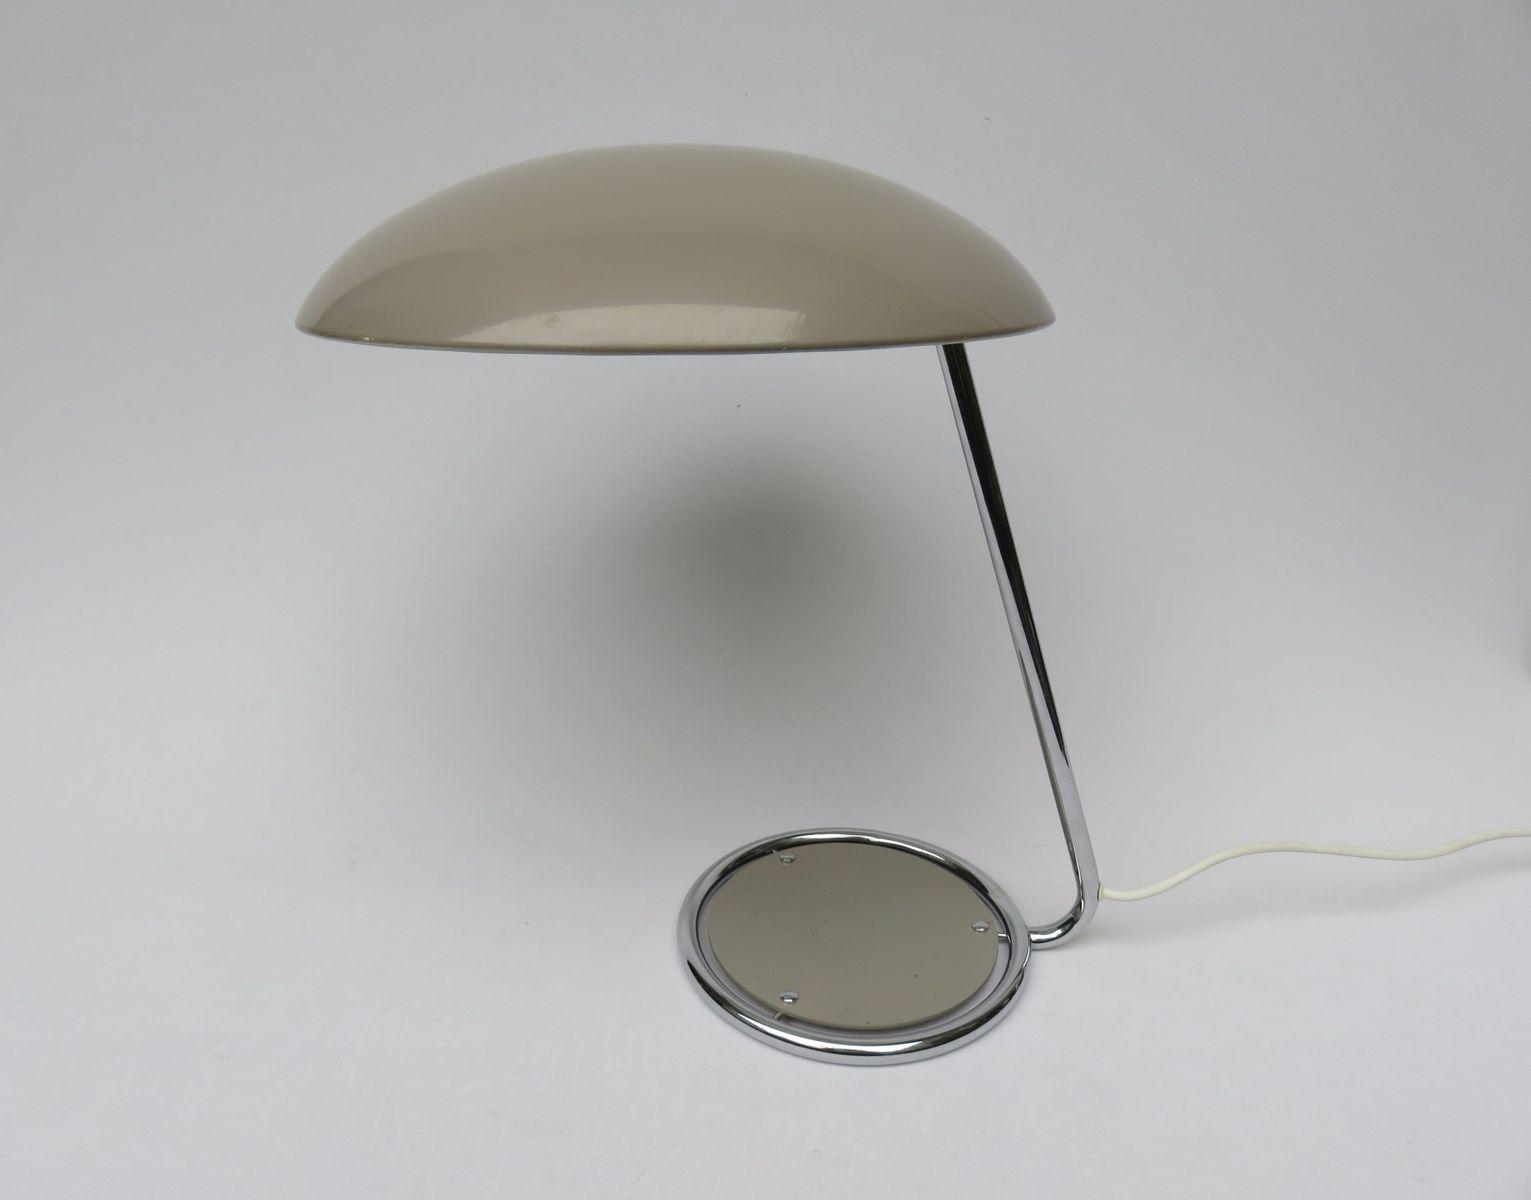 Tischlampe in Altrosa von Kaiser Leuchten, 1960er